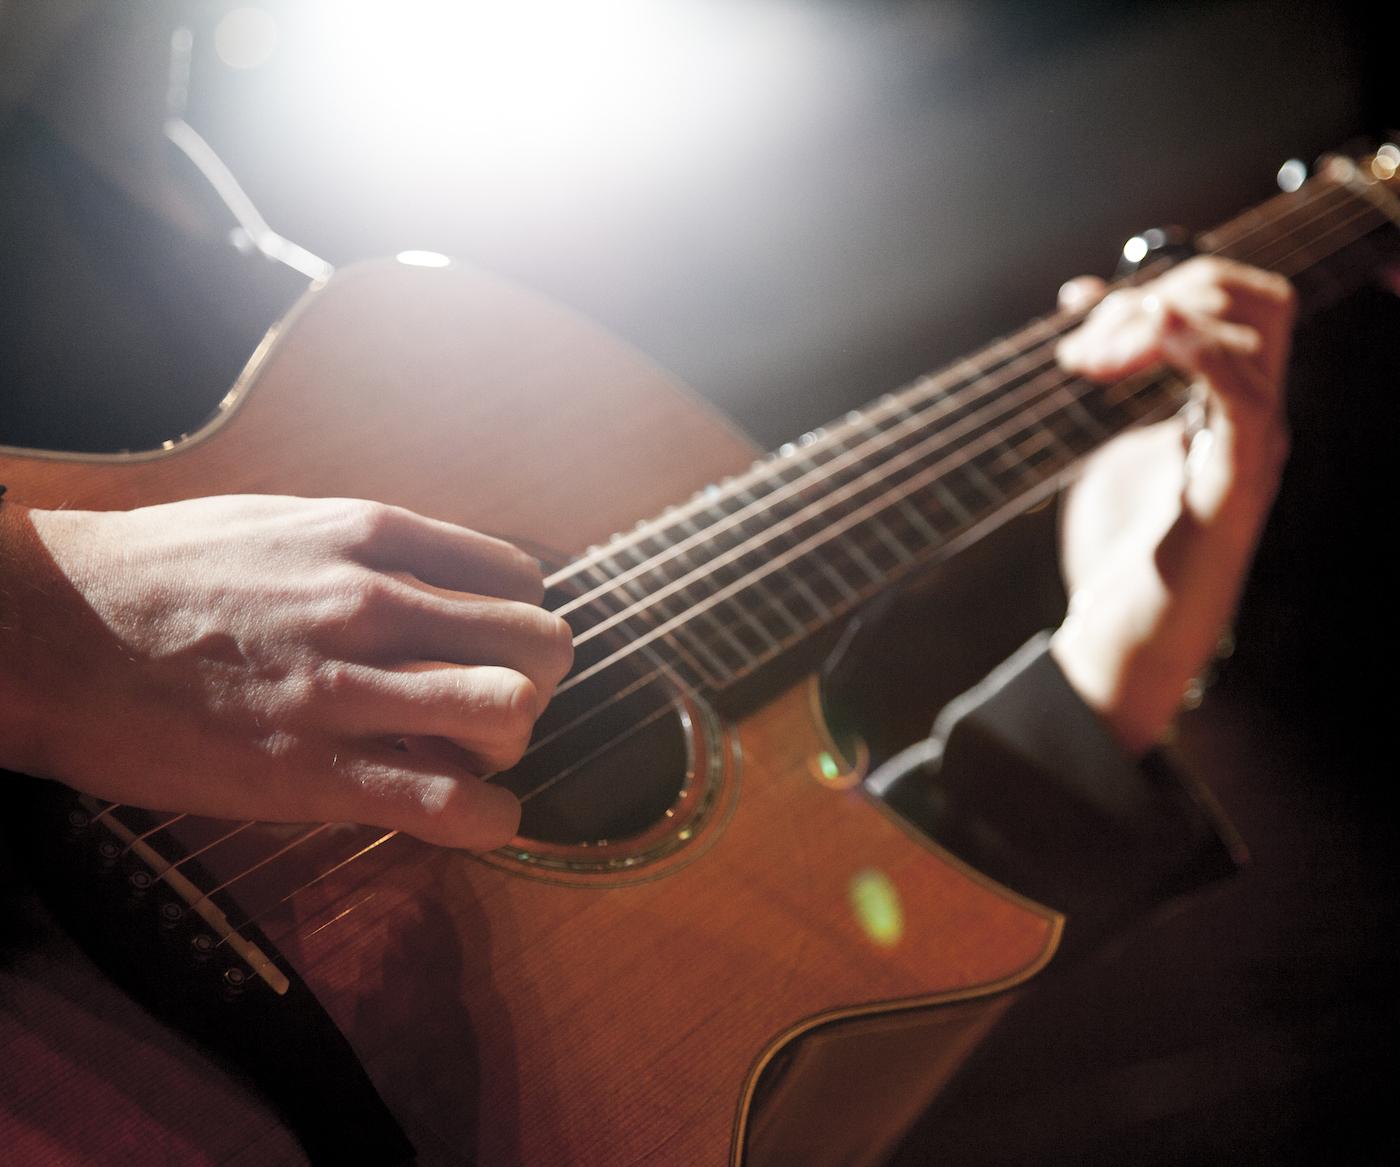 ABH-BookingEngine-Live Music.jpg